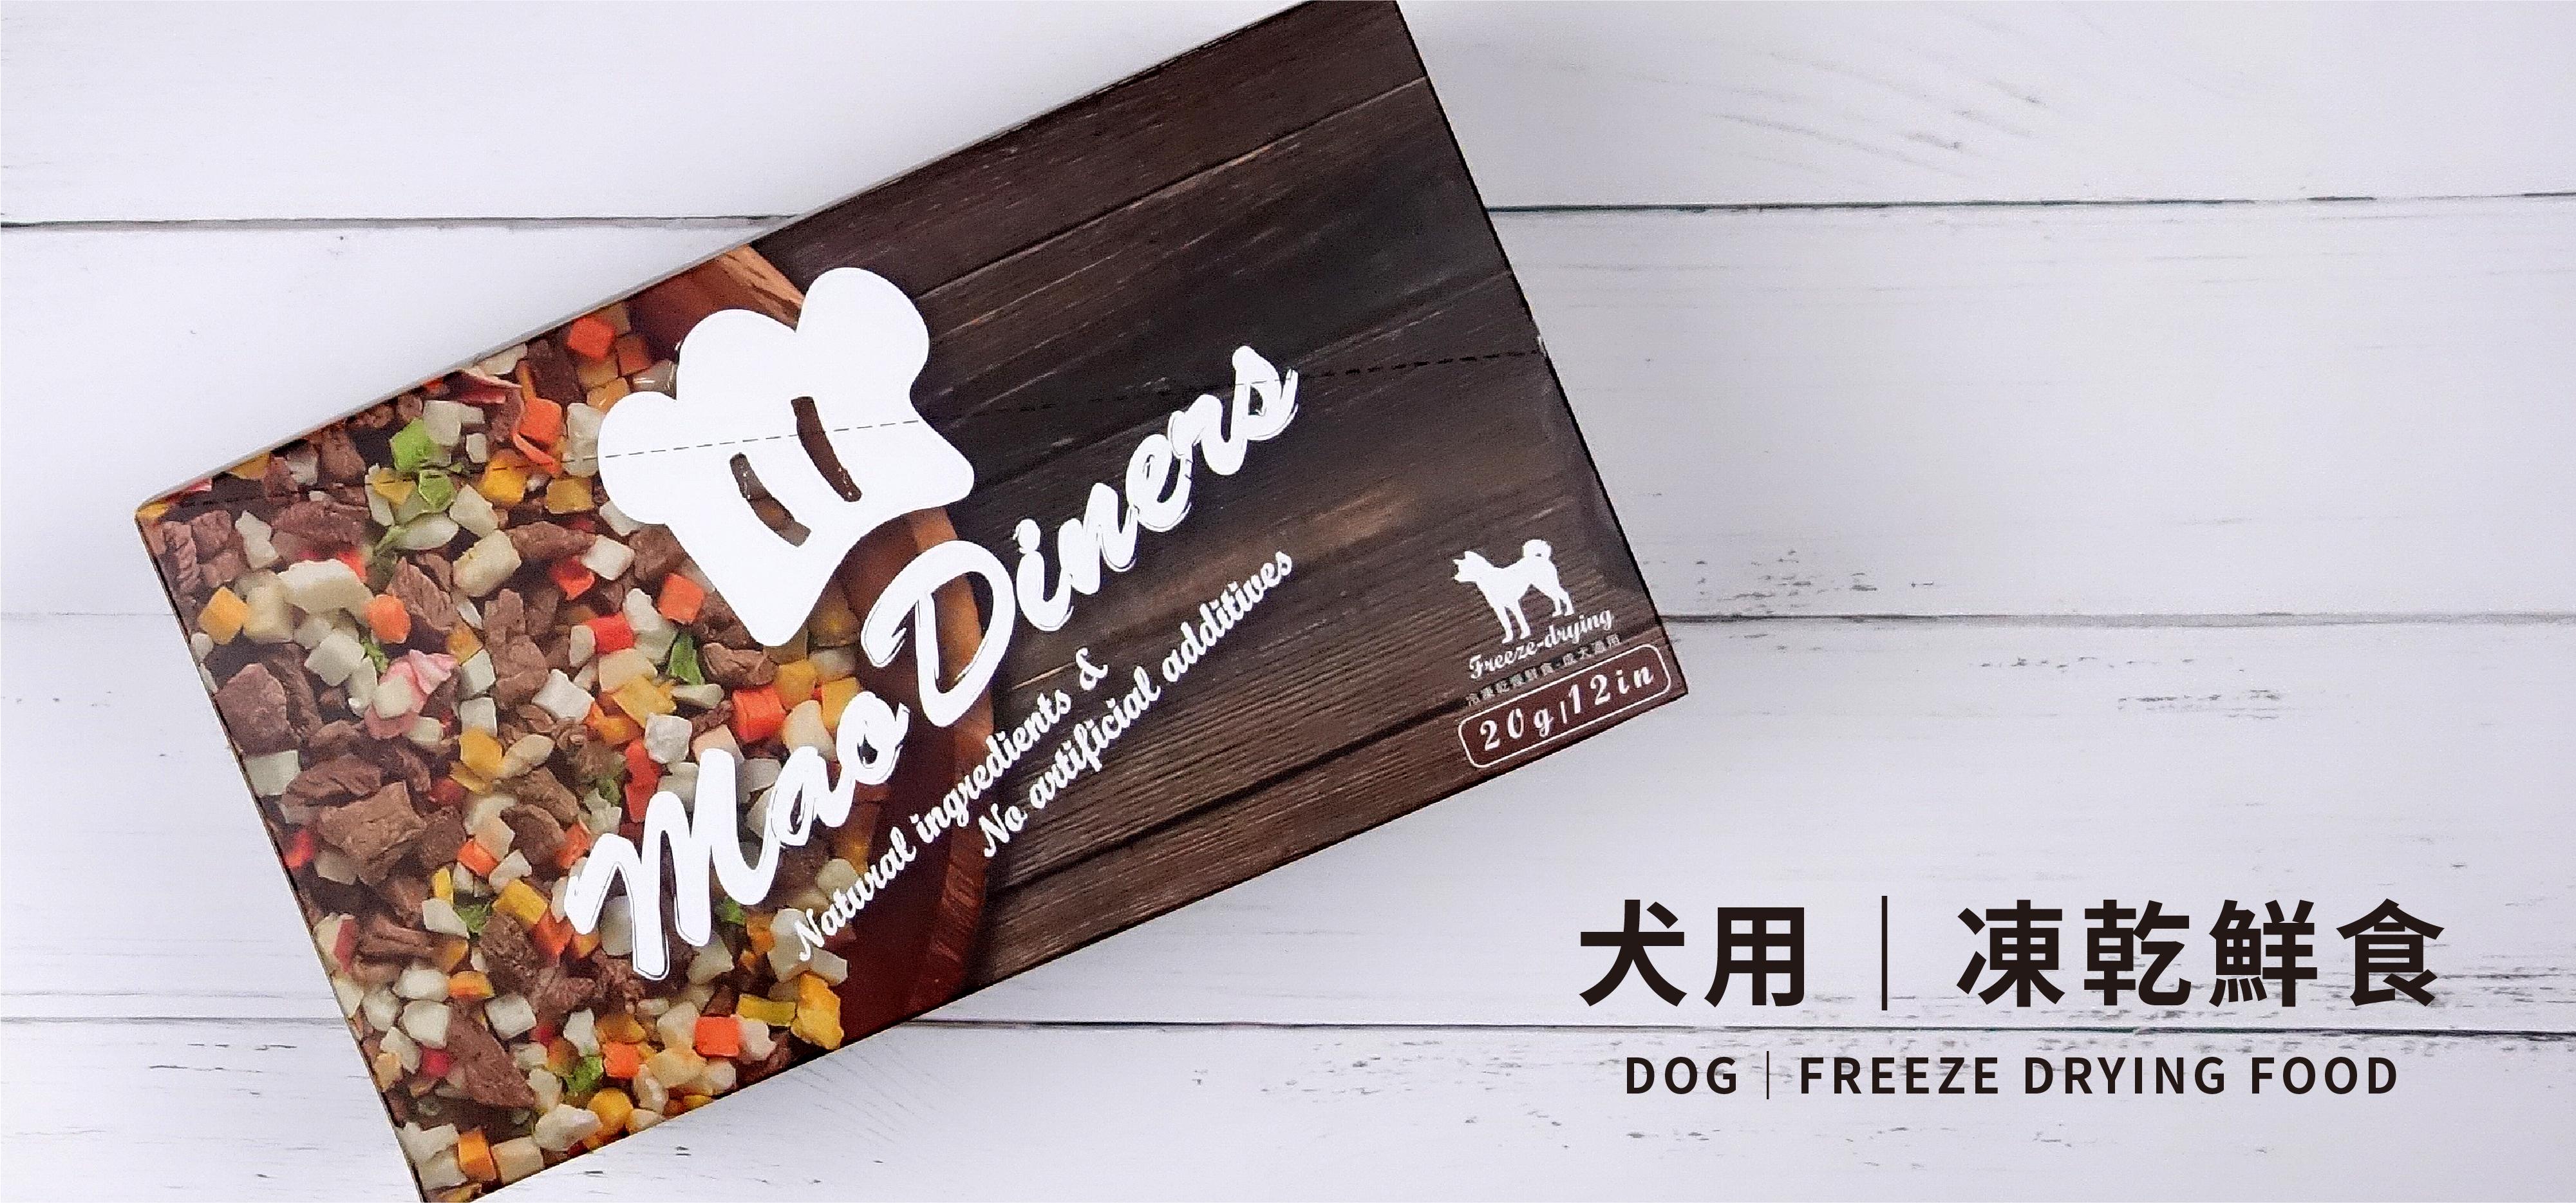 毛食嗑犬用凍乾鮮食